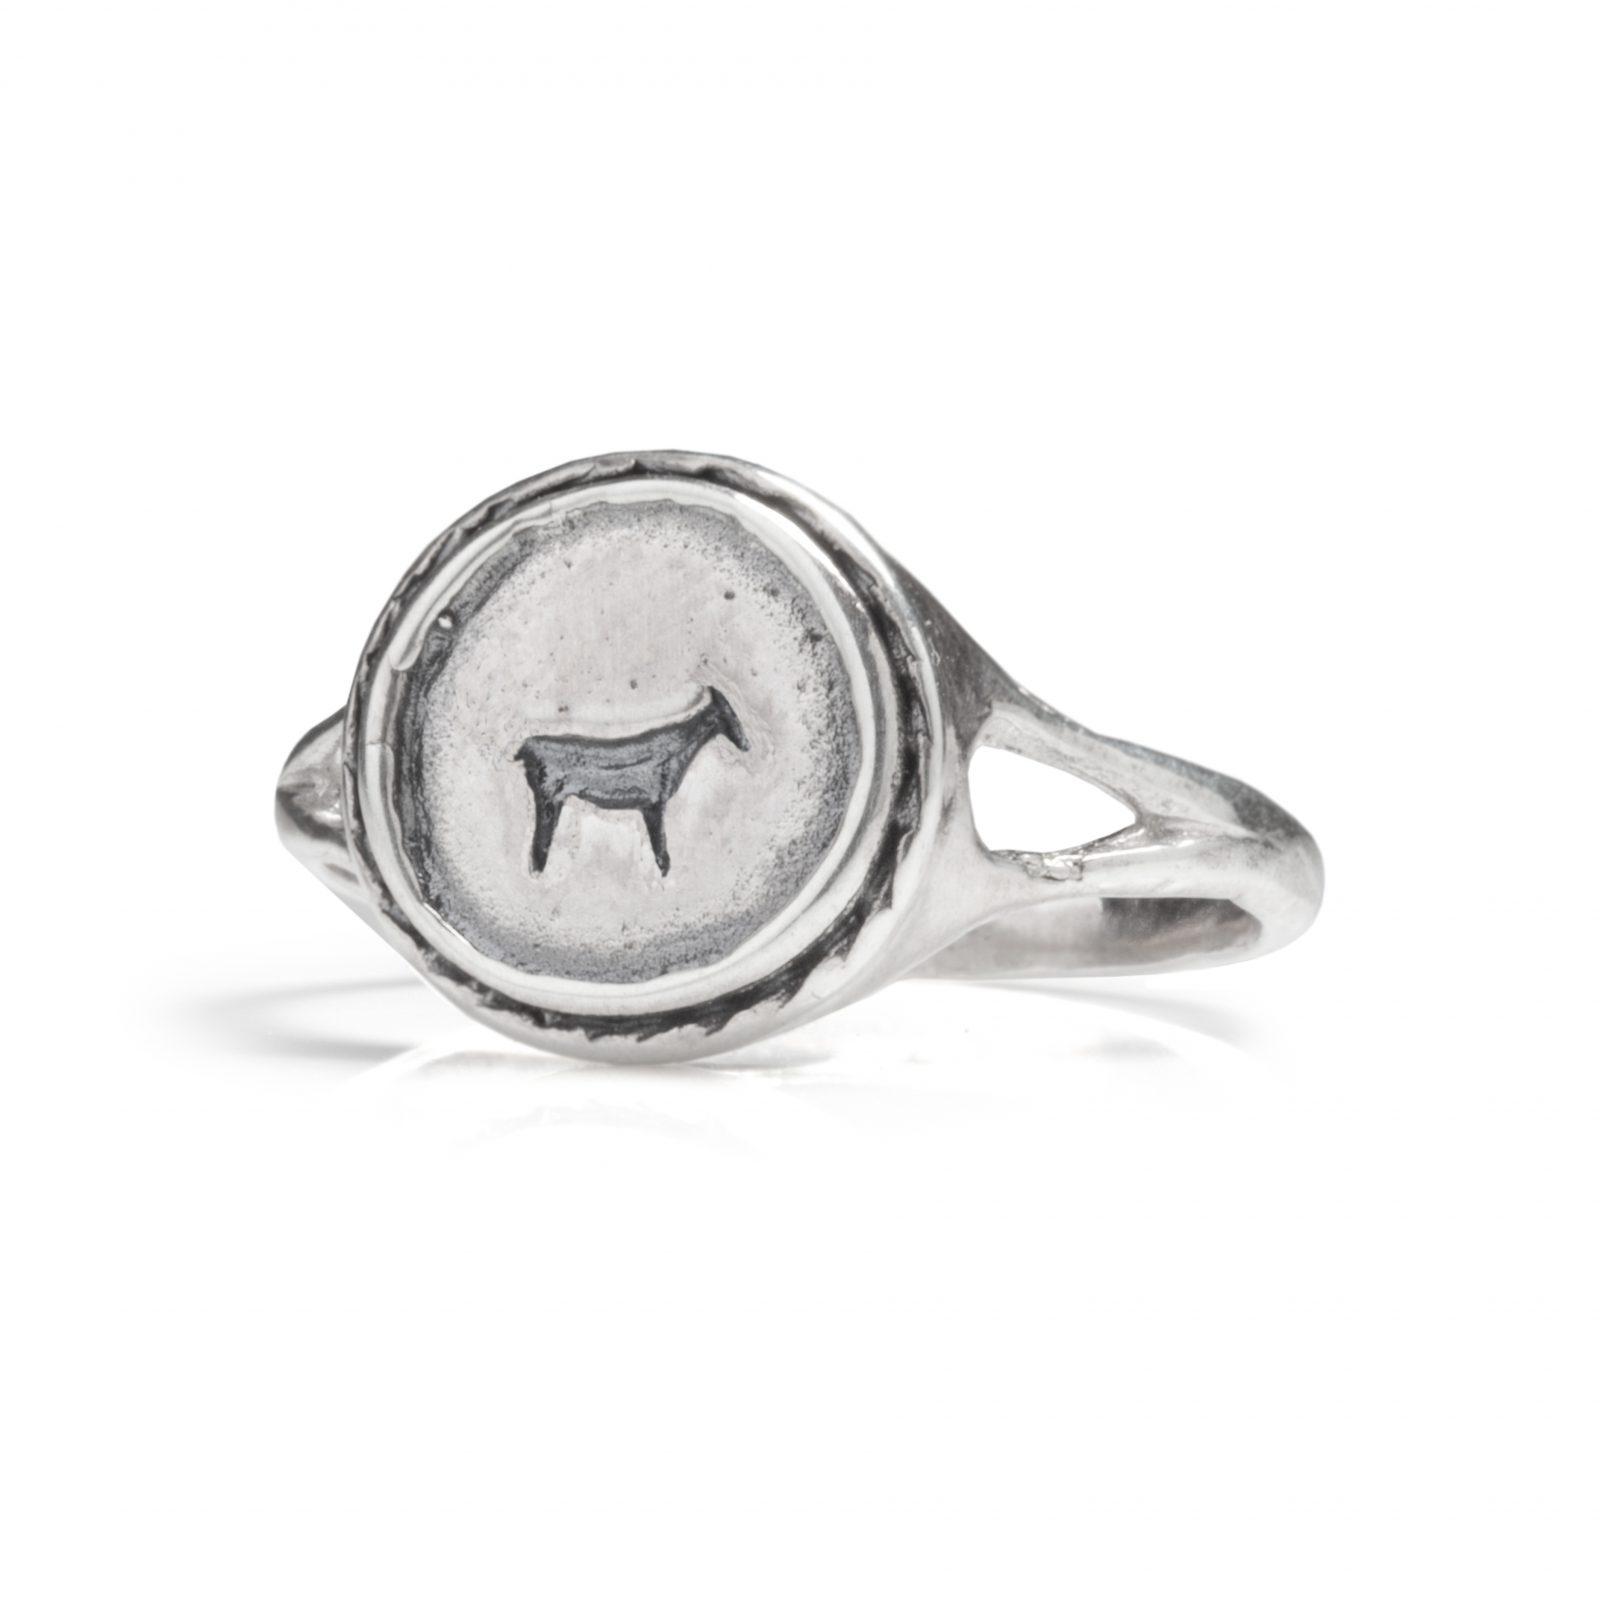 Boodi Jewellery BAU ANIMAL SIGNET RING SILVER - Boodi Jewellery